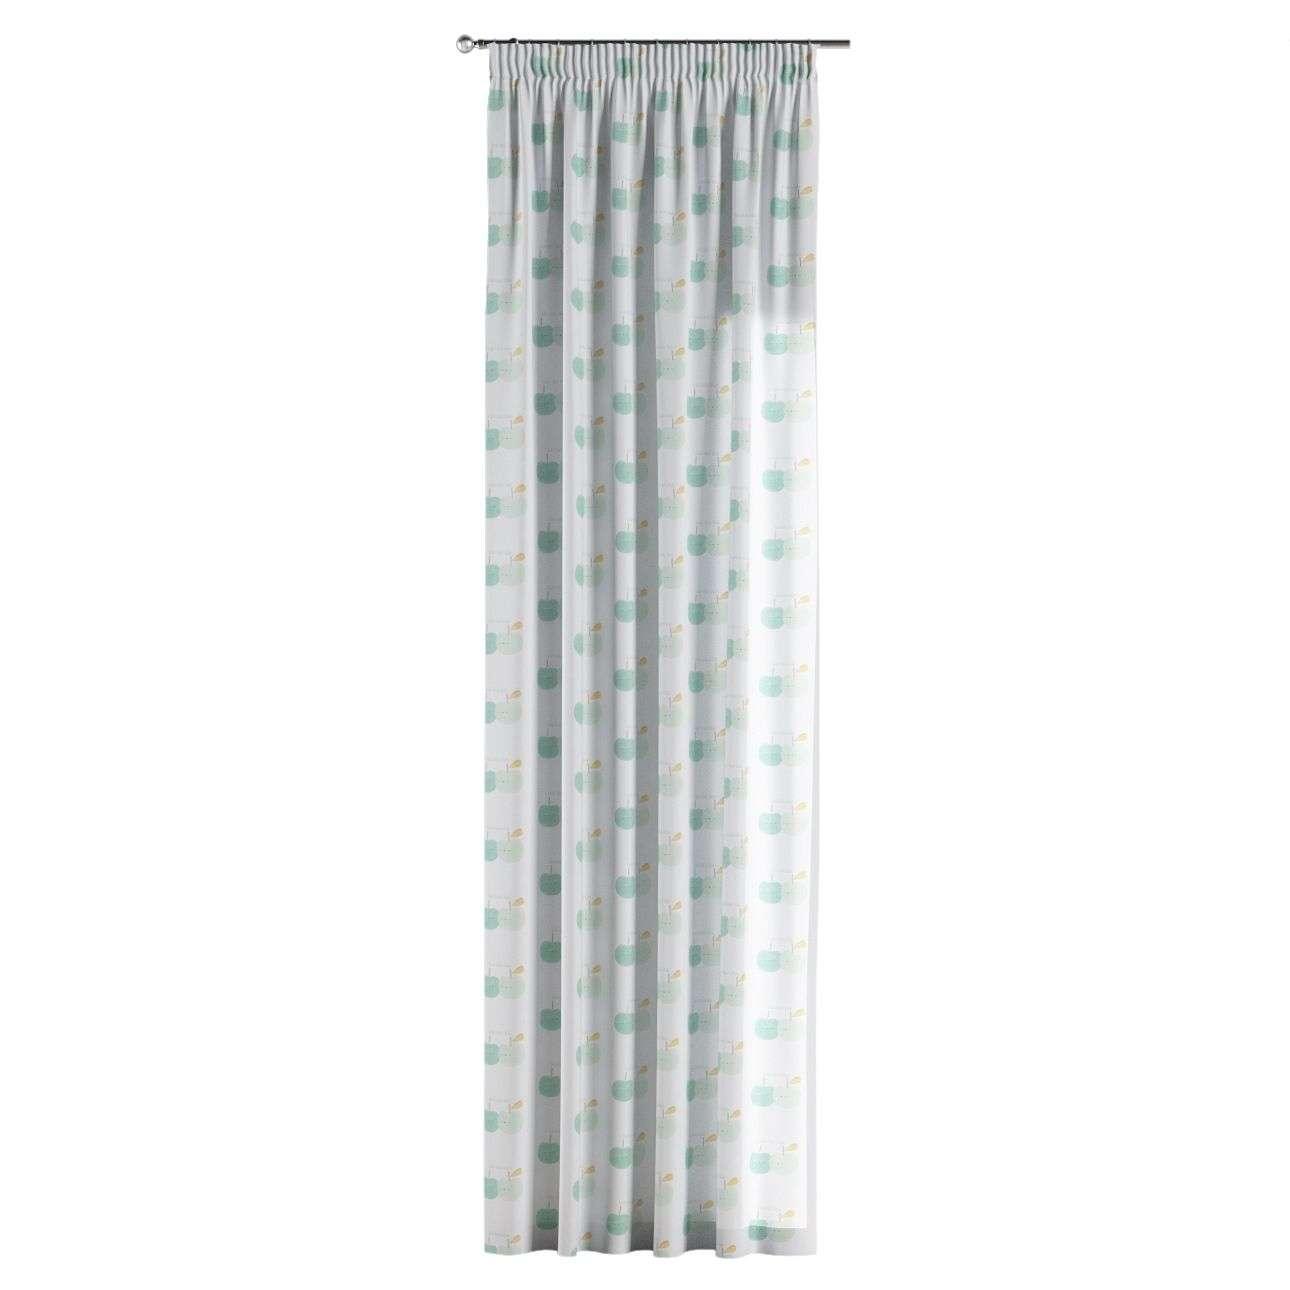 Vorhang mit Kräuselband 1 Stck. 130 x 260 cm von der Kollektion Apanona, Stoff: 151-02